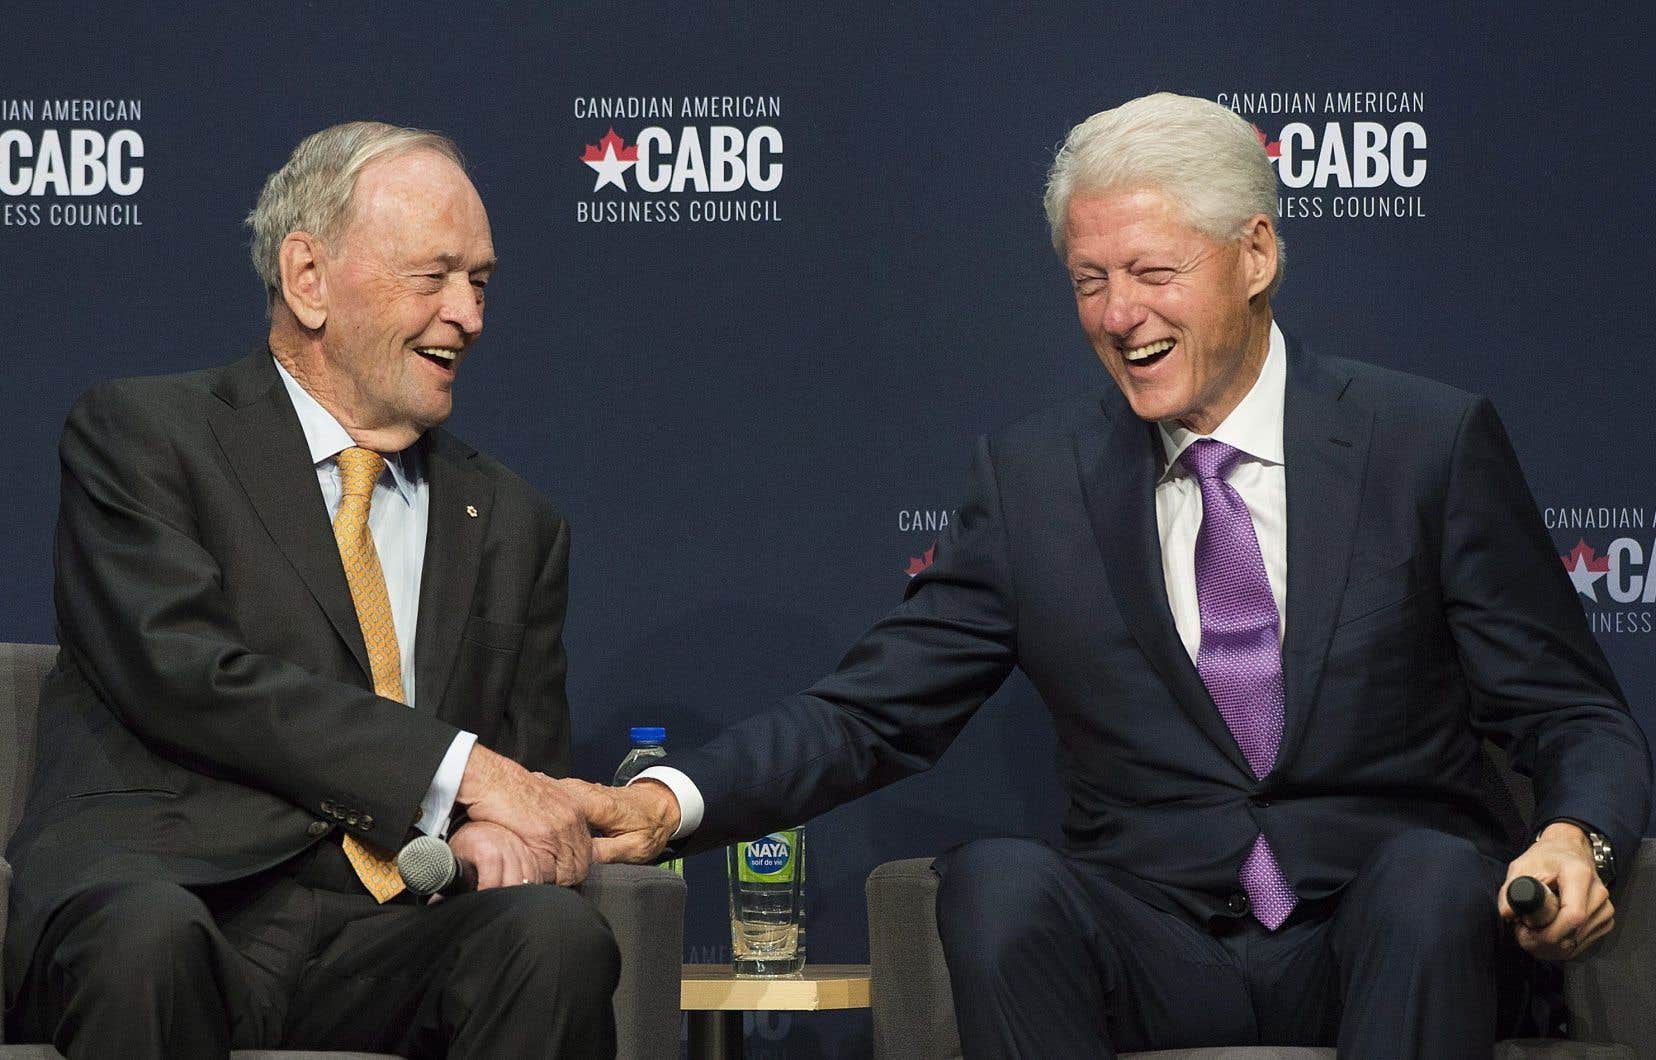 L'ancien premier ministre canadien Jean Chrétien et l'ex-président américain Bill Clinton lors de l'événement présenté par le Conseil des affaires canadiennes-américaines.